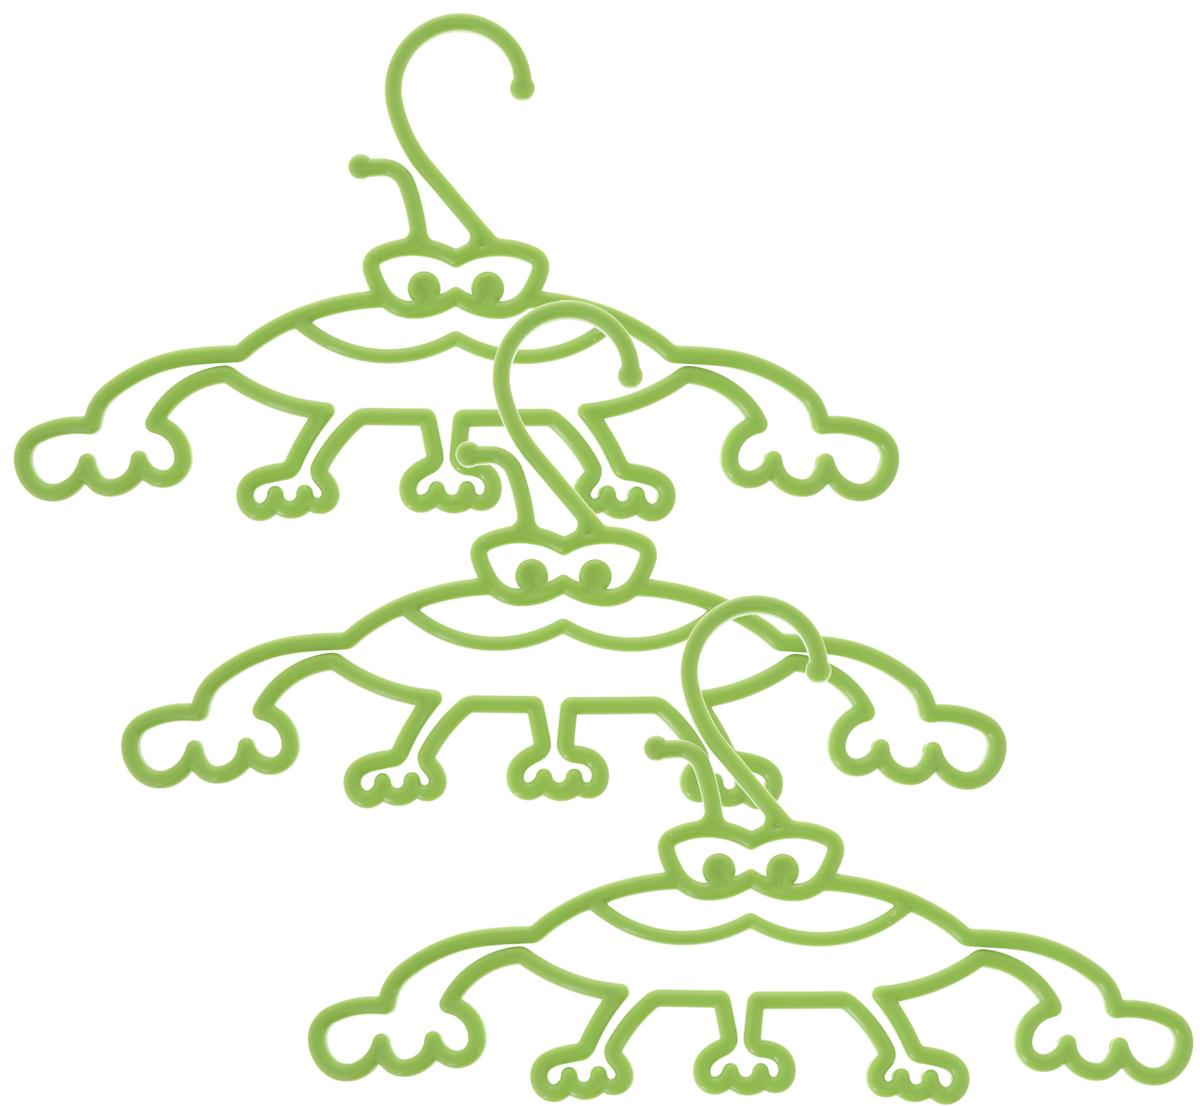 Набор вешалок Пластишка, с крючками, цвет: салатовый, 3 штС13024Набор вешалок для одежды Пластишка, изготовленный из прочного полипропилена, состоит из 3 детских вешалок для одежды с закругленными плечиками. Изделия оснащены крючками. В составе вешалок не используется бисфенол А, что делает их использование гораздо безопаснее. Забавный дизайн вешалок порадует как детей, так и их родителей. Вешалка - это незаменимая вещь для того, чтобы ваша одежда всегда оставалась в хорошем состоянии. Комплектация: 3 шт.